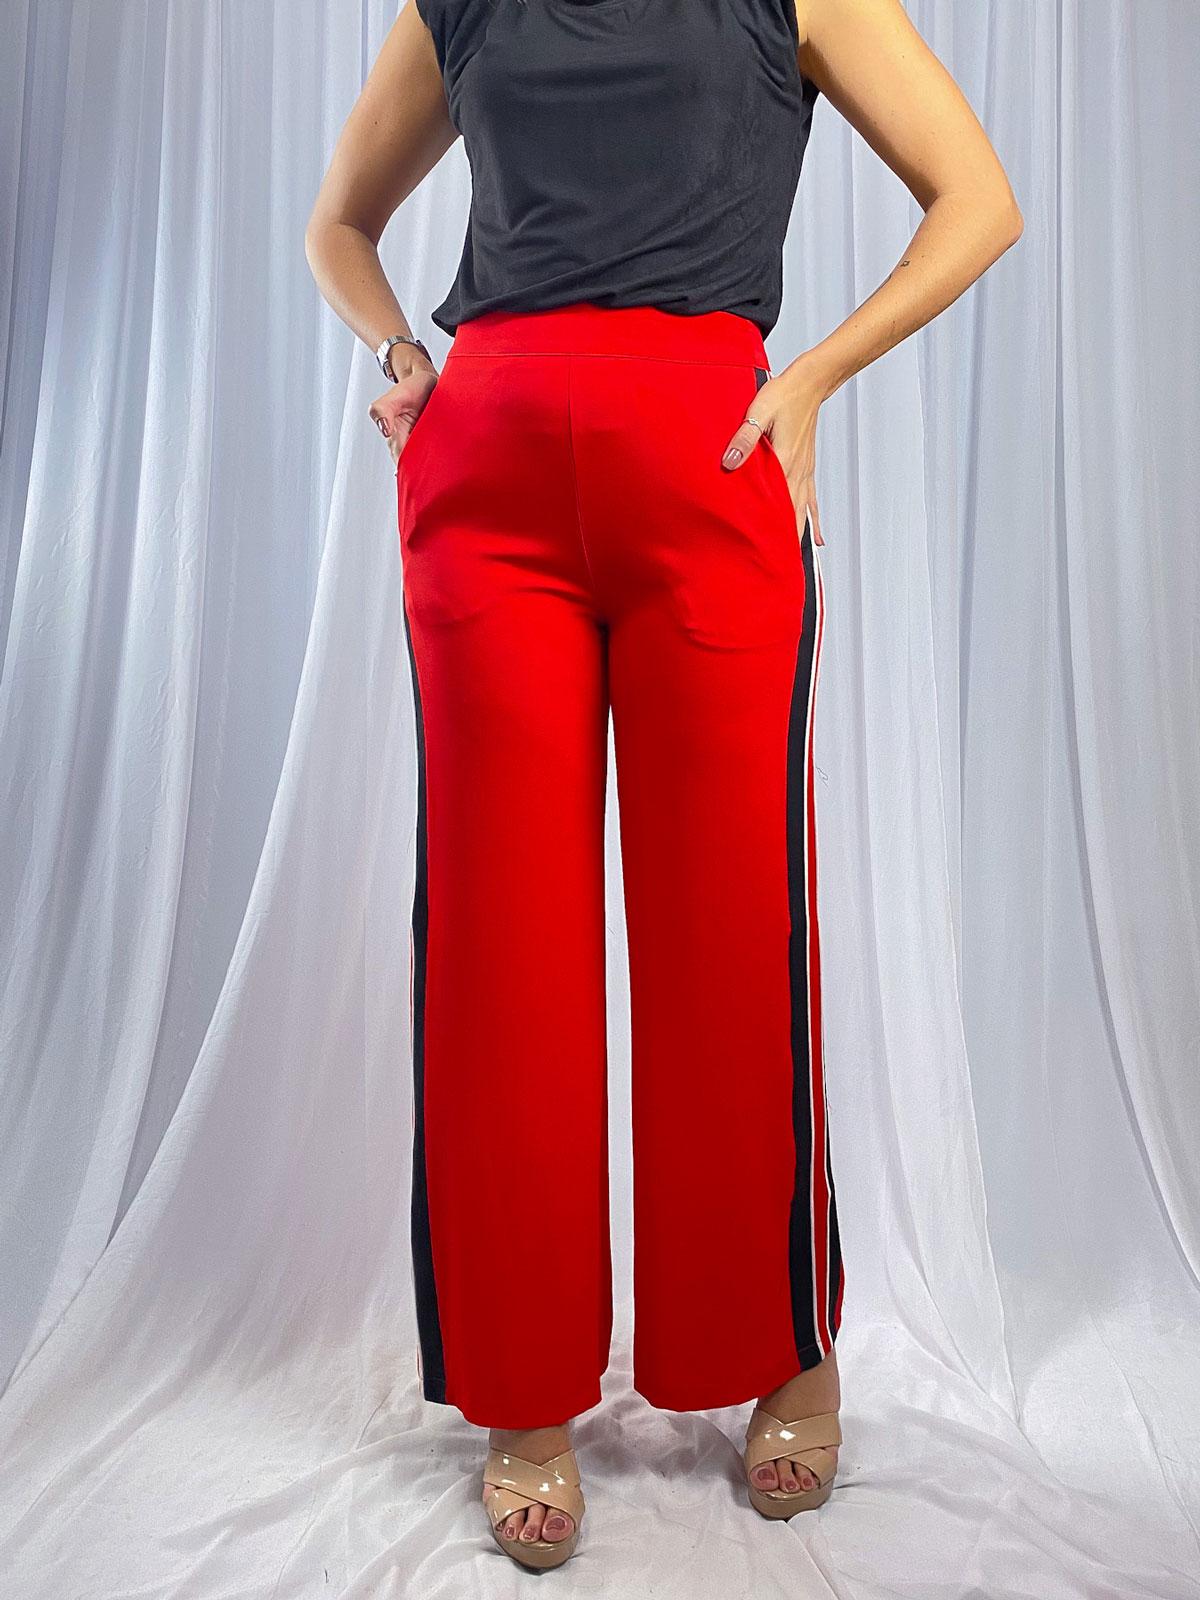 Pantalona Listra Lateral img2